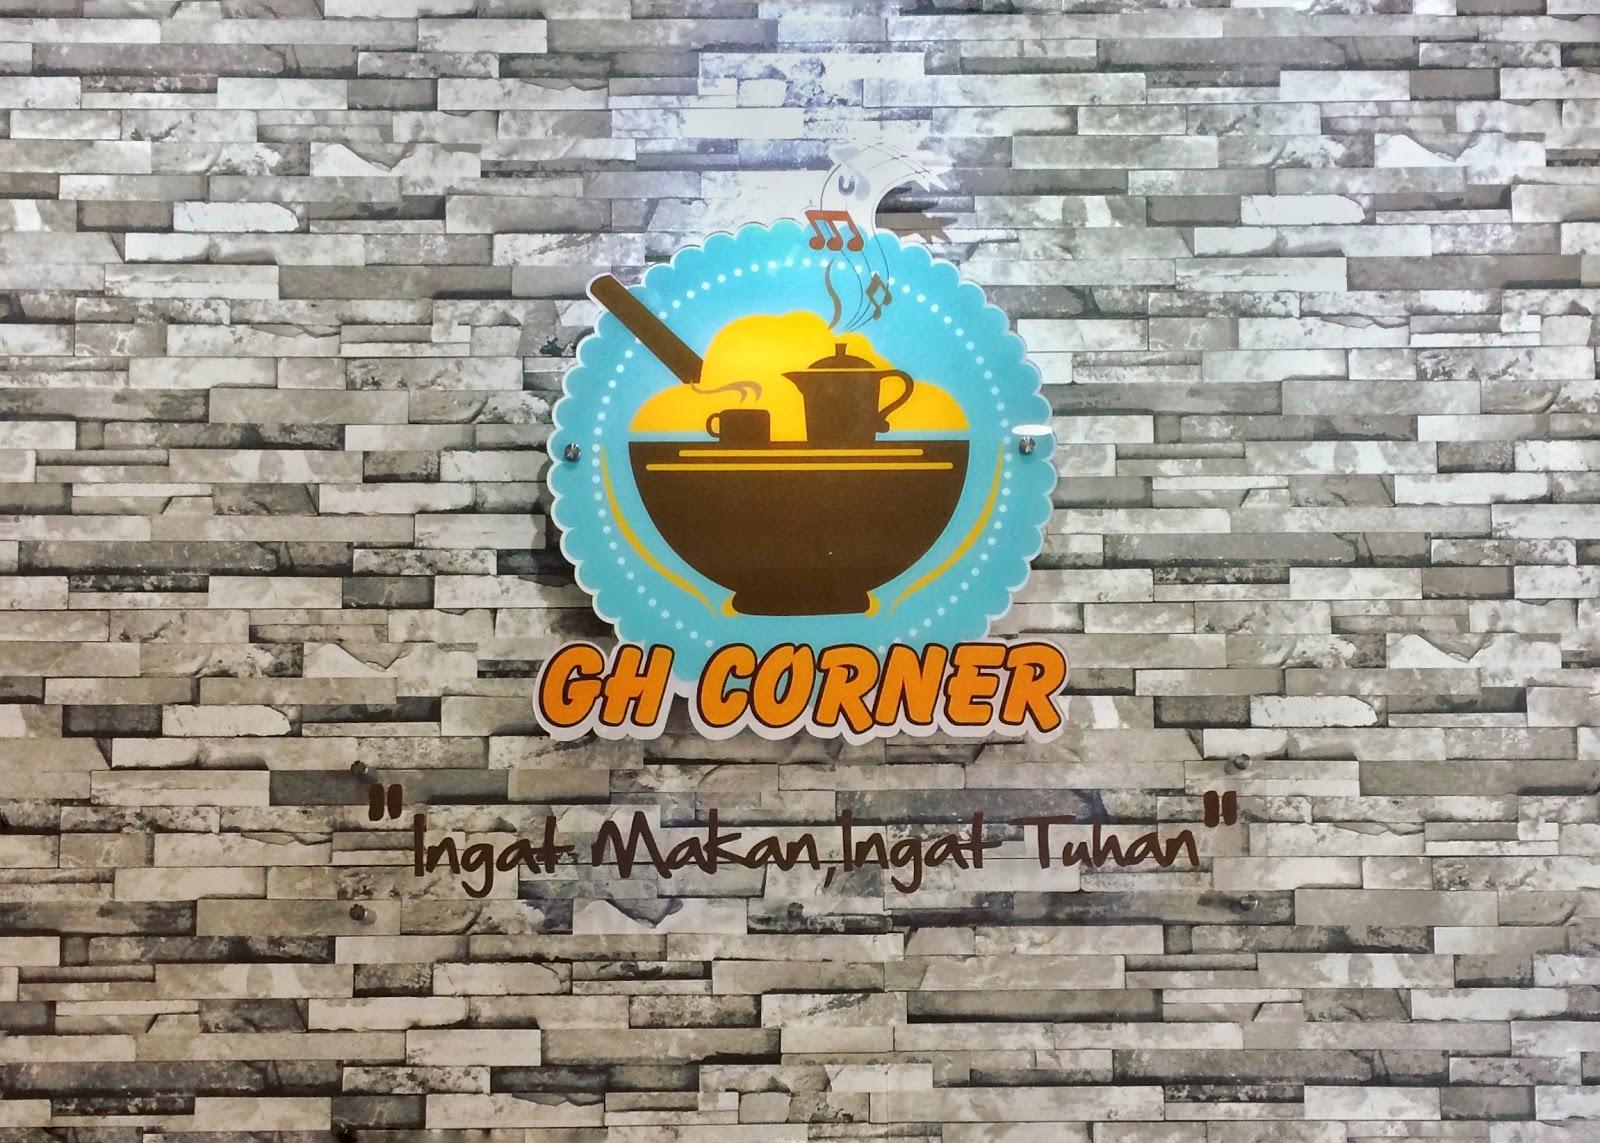 Berburu Makanan Halal di GH Corner Jogja